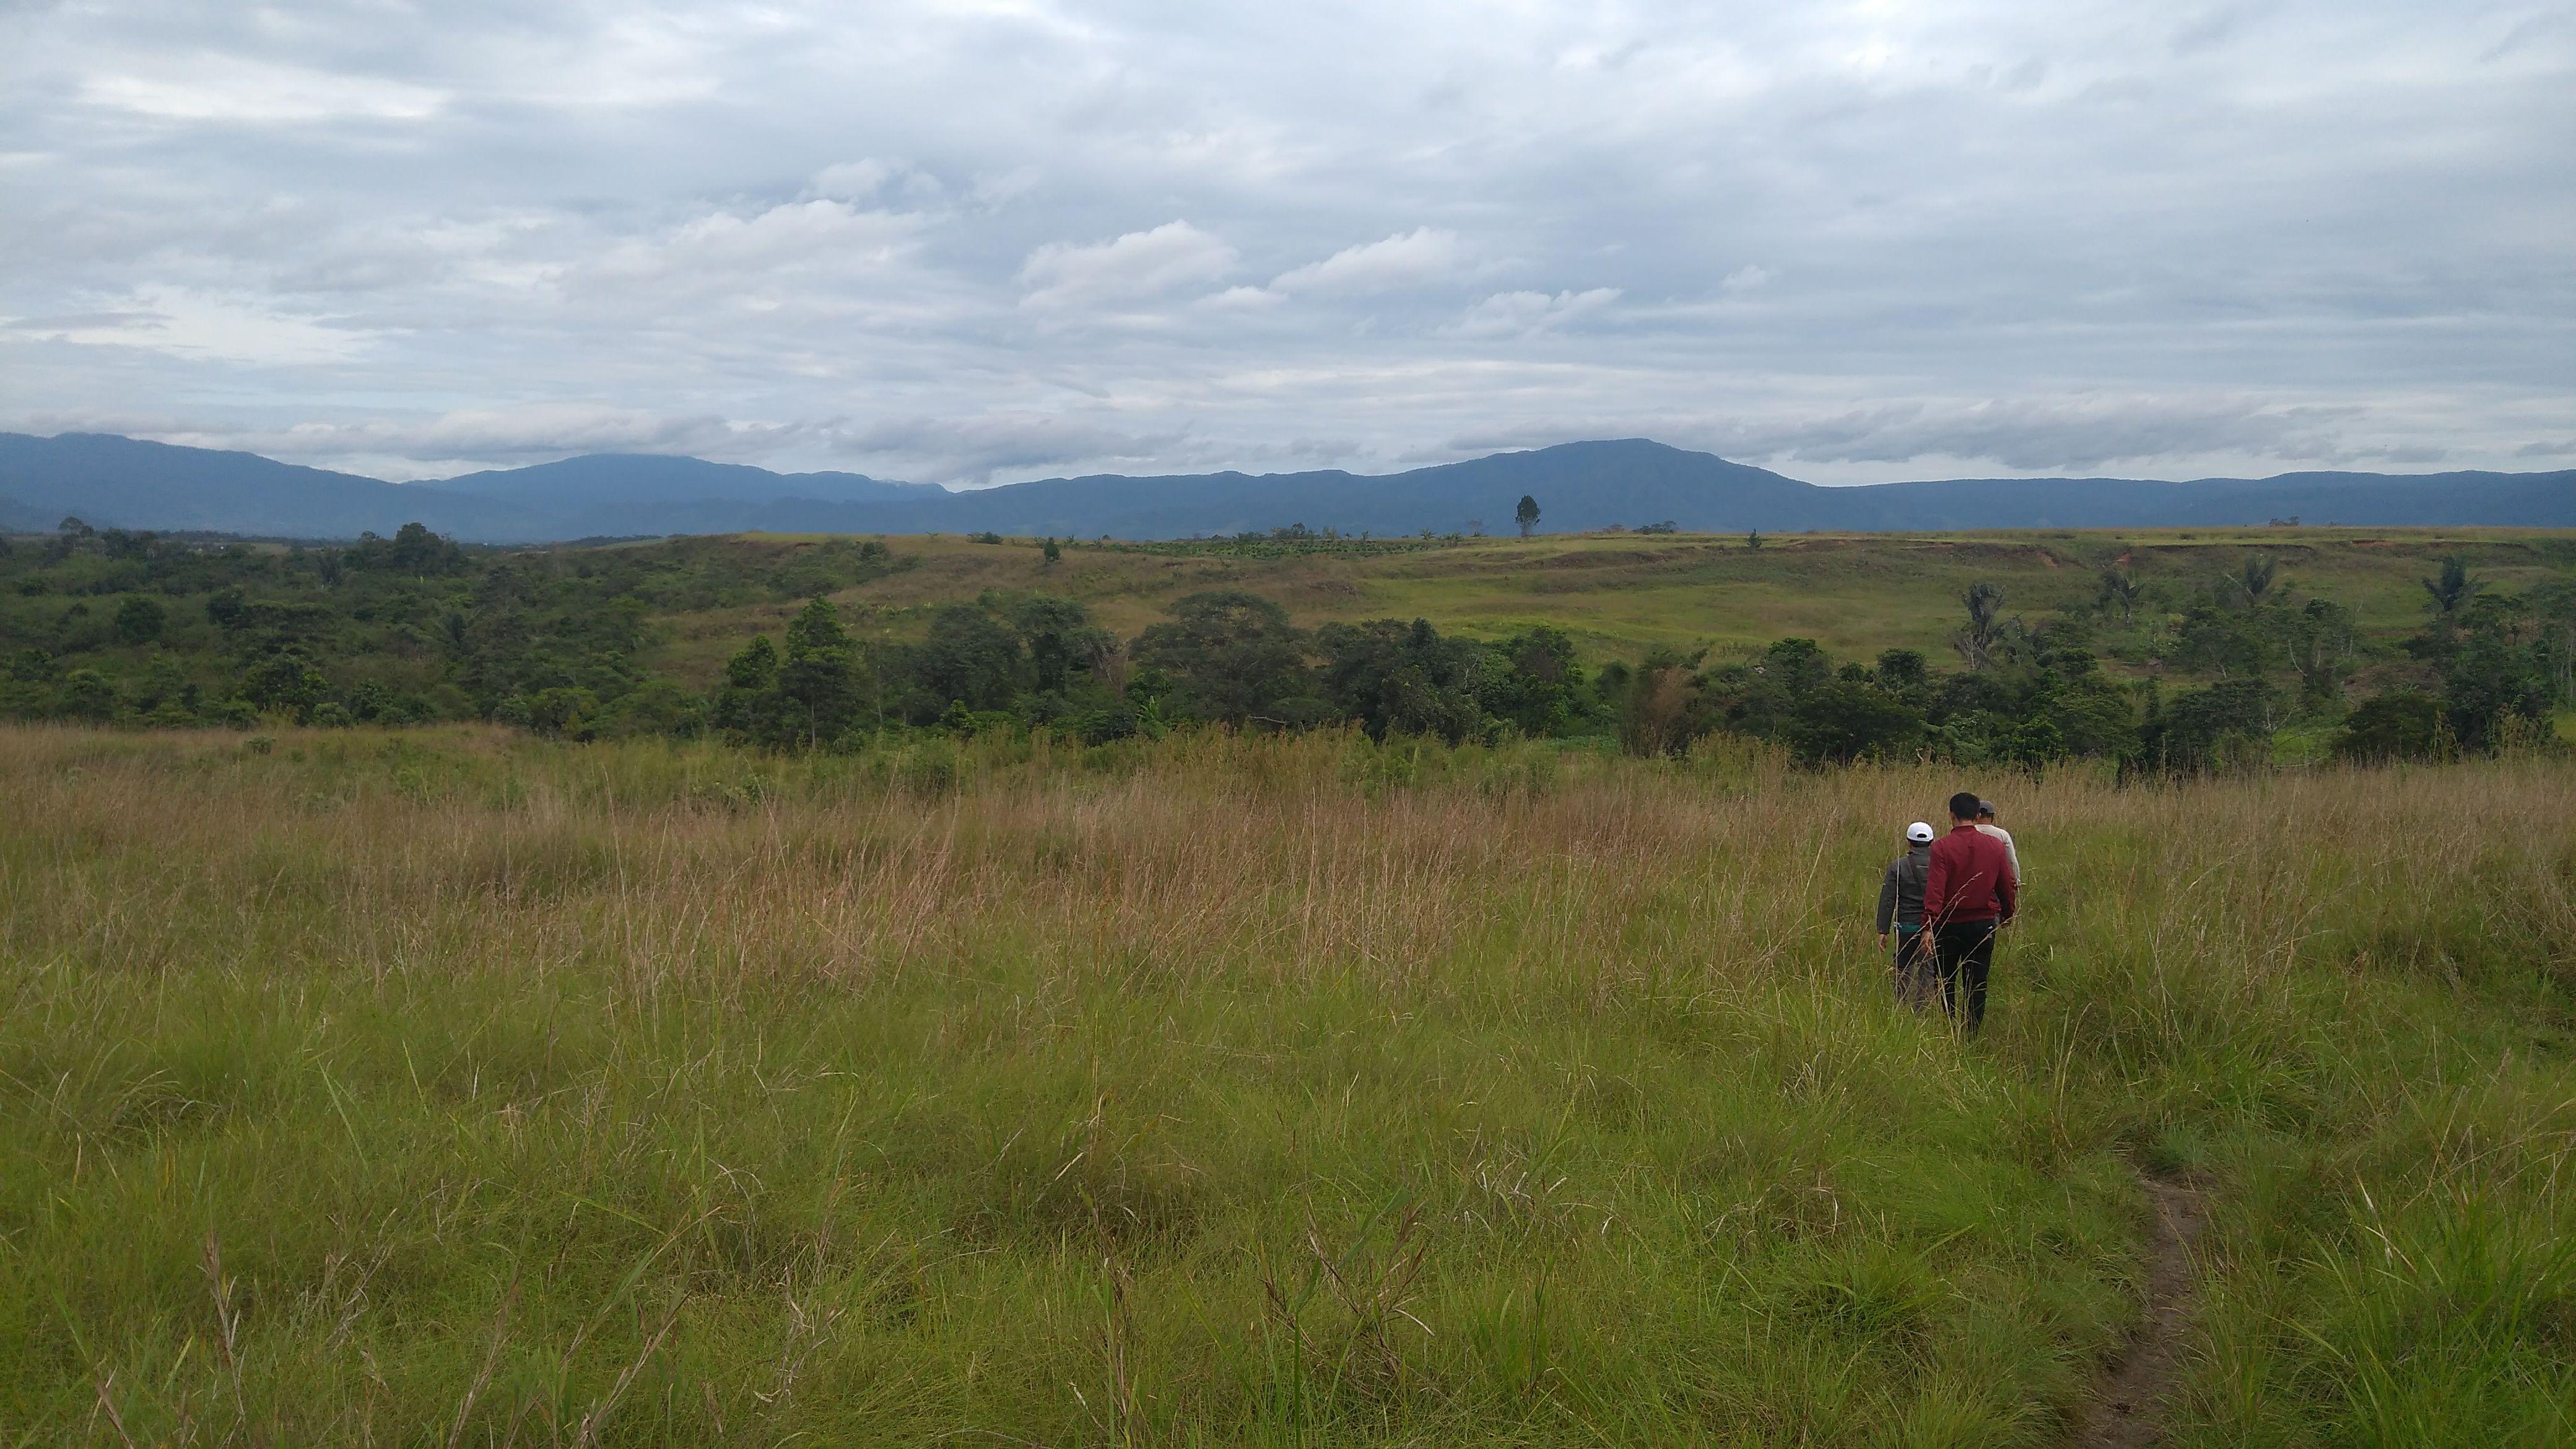 Cerita Mengunjungi Lembah Napu nan Subur (Bagian 2)